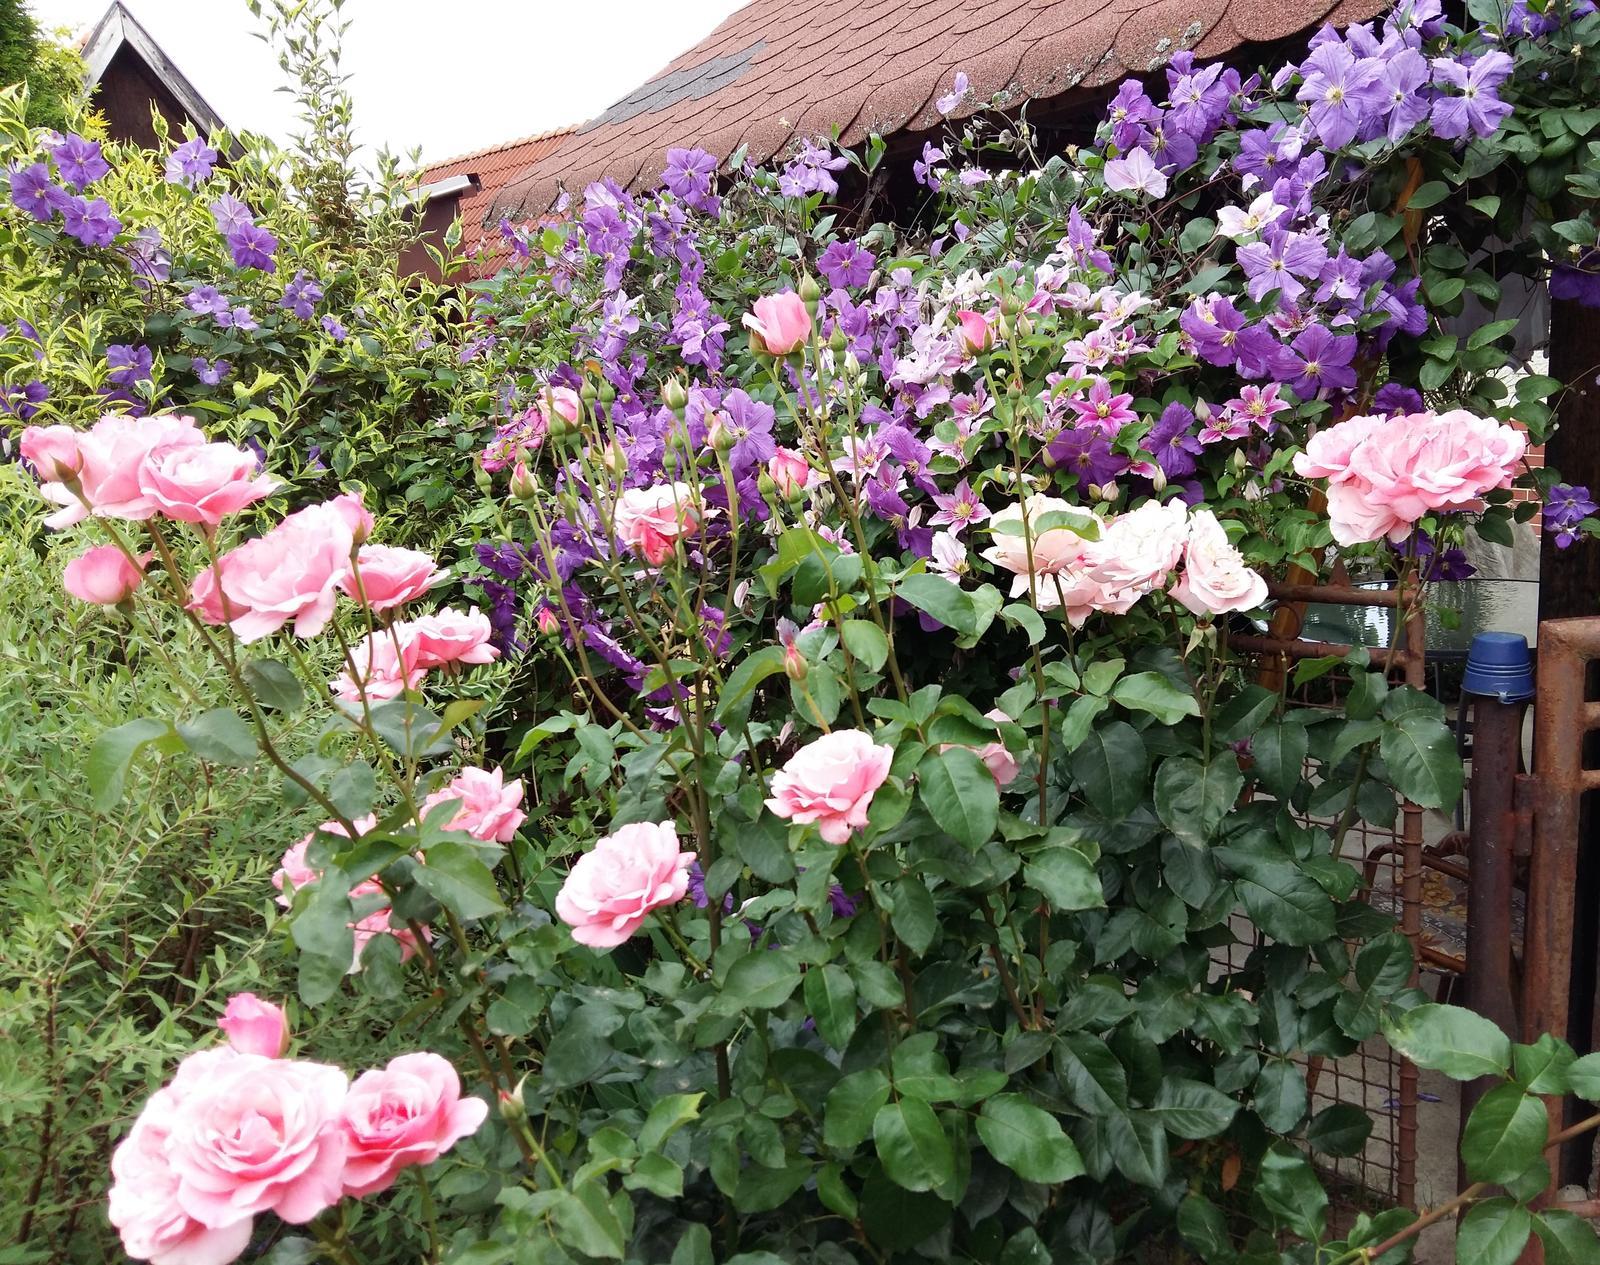 Ružový raj - Fialový clematis sa ťahá aj po odkvitnutej vajgele,prerastá pomedzi konáre,a stalo sa mi,že sa každý kto prišiel ,pýtal,čo je ten fialový krík :)